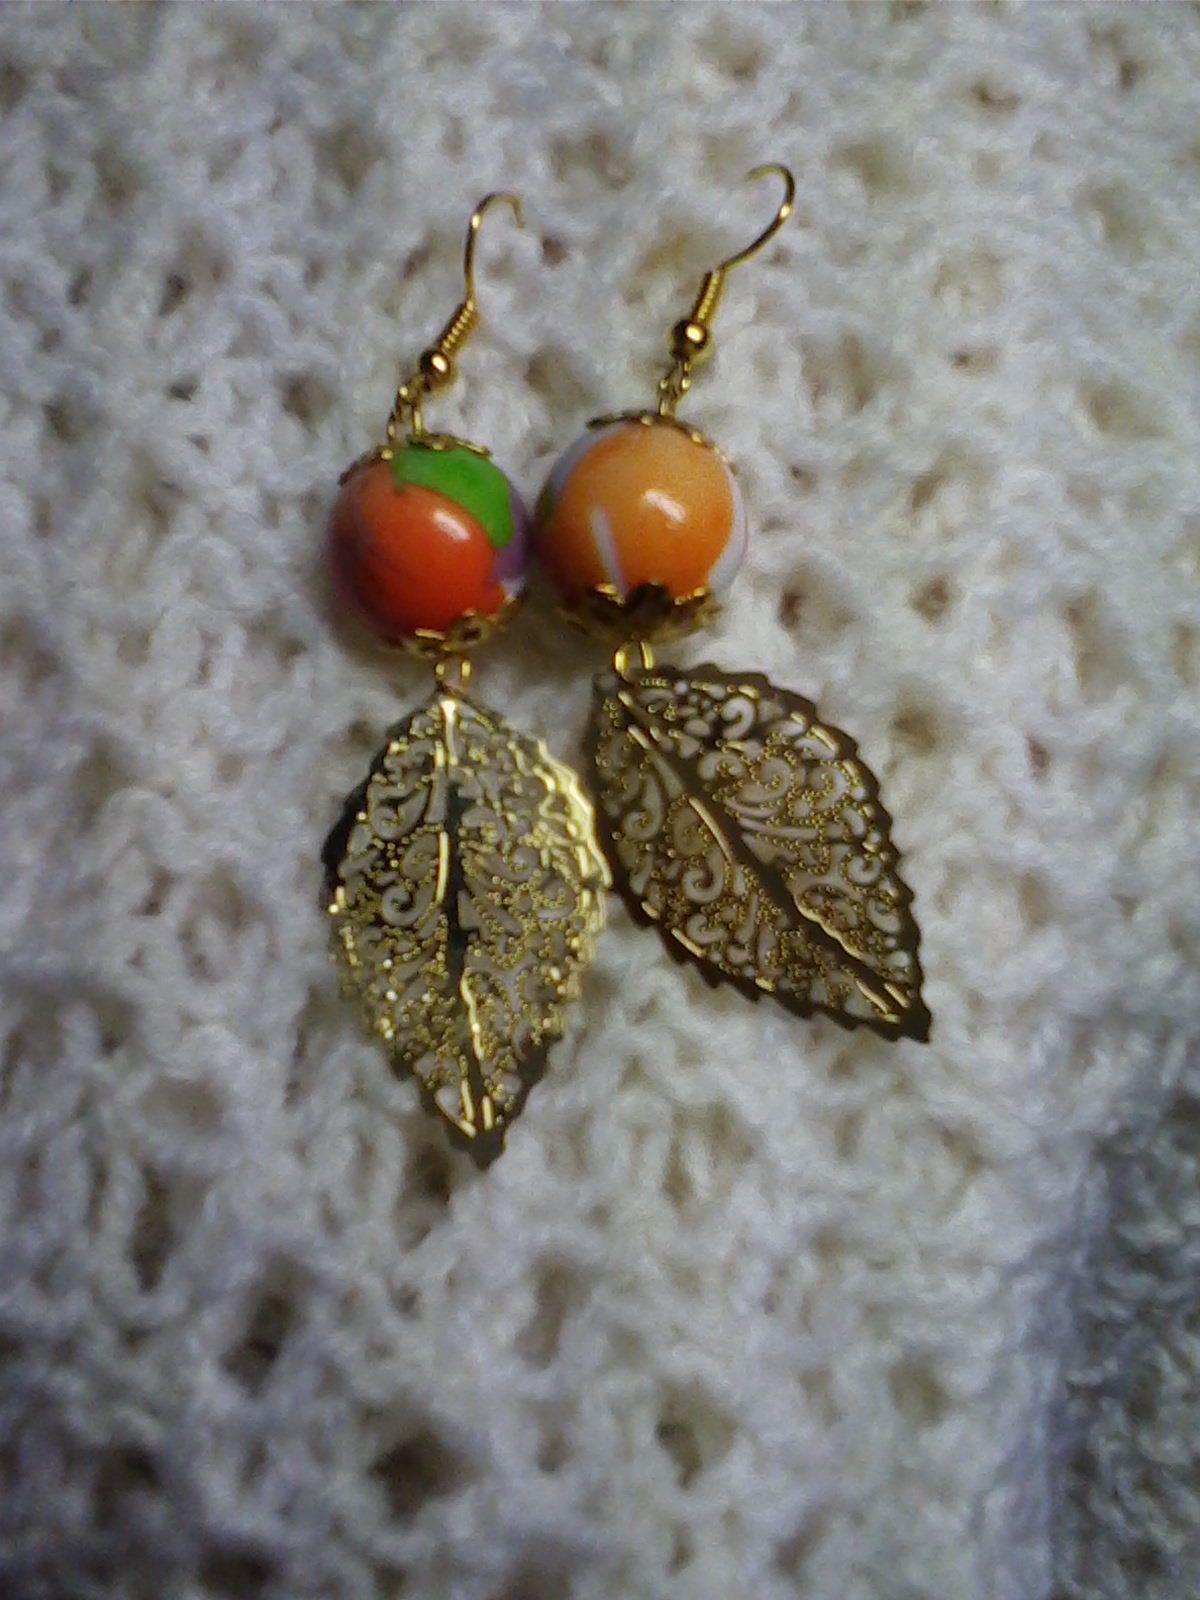 использованием золото. легкие качественной листочков очень резных золотого выполнены фурнитуры расписных из с металлических бусин цвета и серьги под изящные.